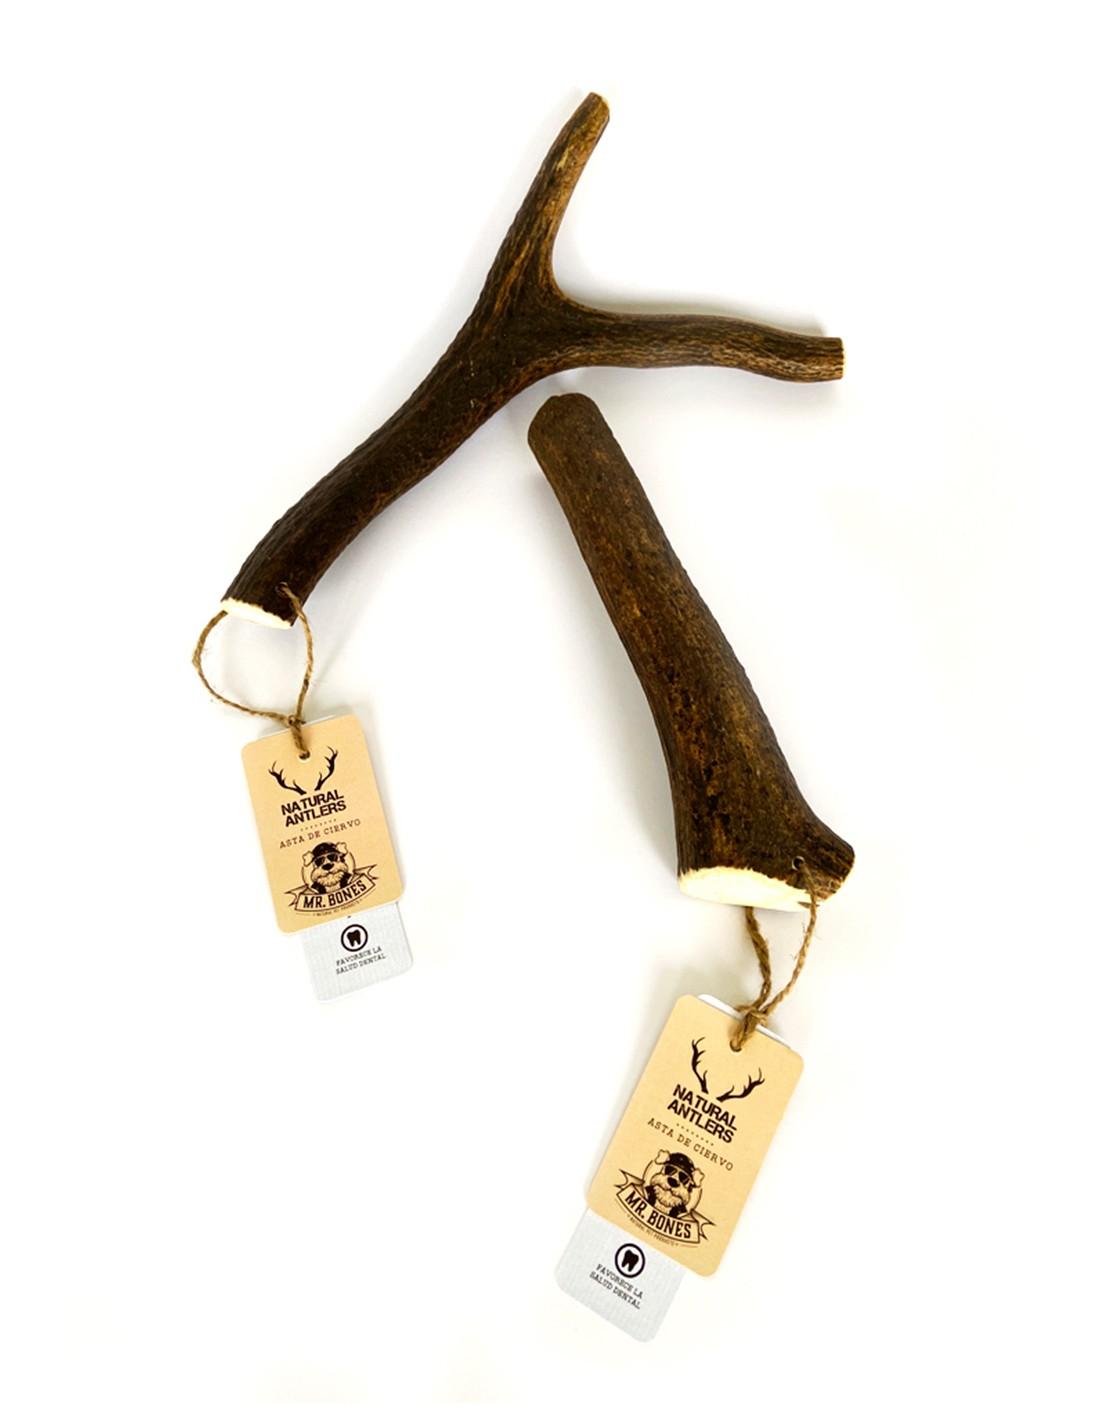 Asta de ciervo M (80-10g) - Mordedor recreativo natural